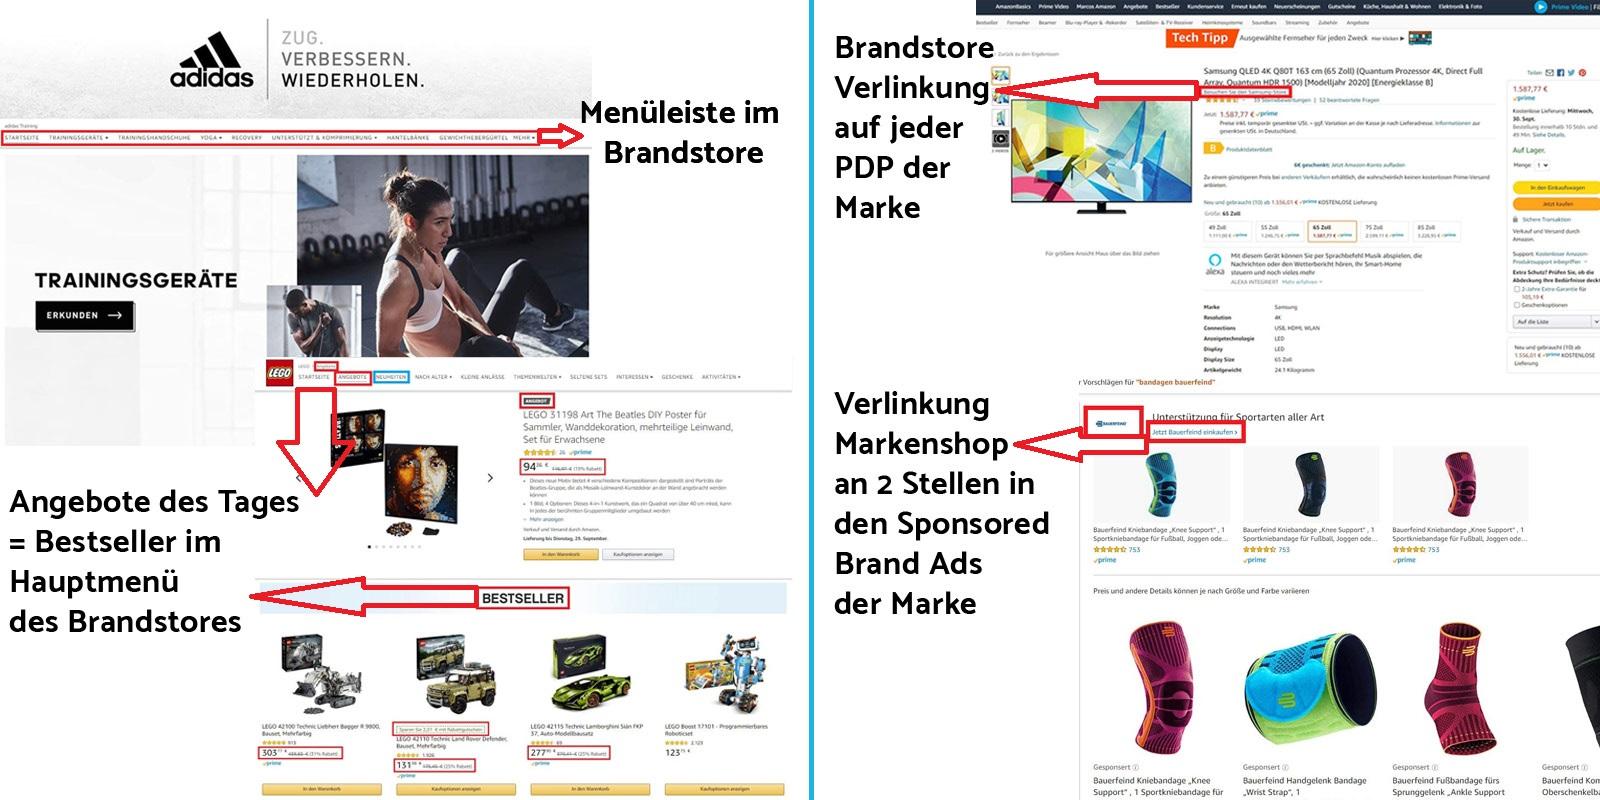 Amazon Brandstore | Markenshop | Storefront – Bsp: Brandstore Menü, Bestseller Einbindung, Verknüpfung zu PDPs & Verlinkungen von Sponsored Brand Ads